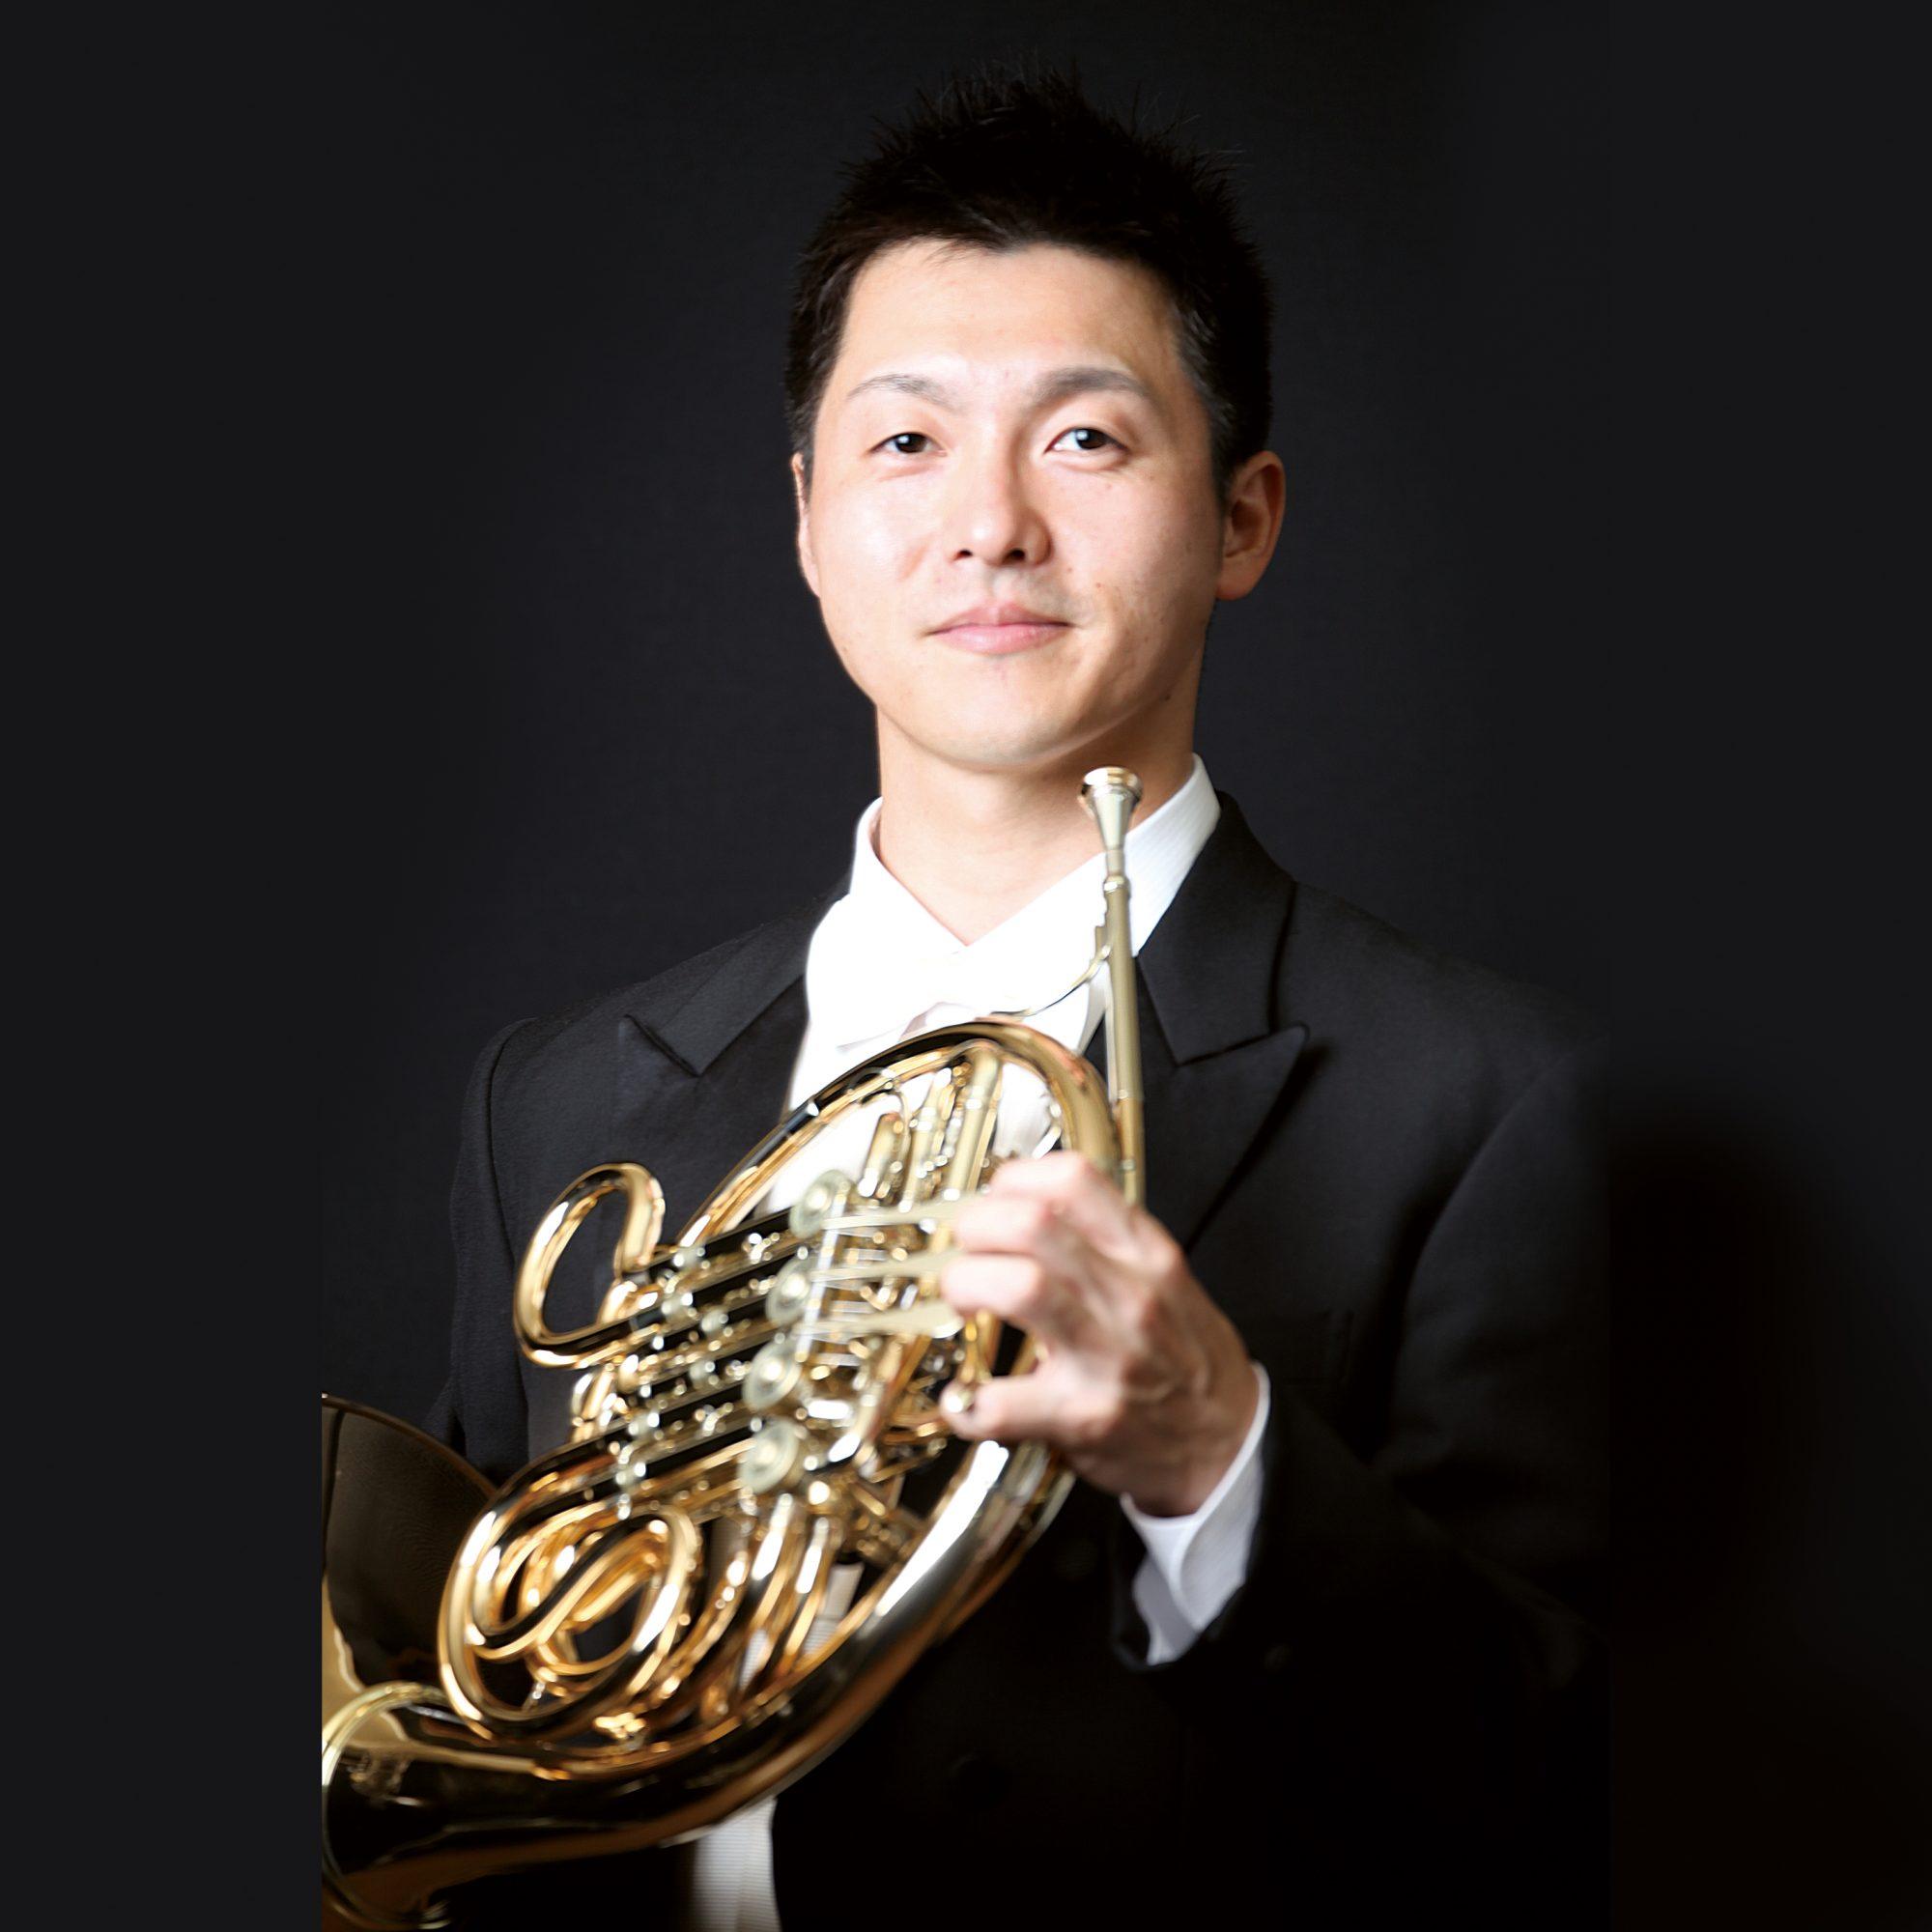 木川博史さん NHK交響楽団 ホルン奏者